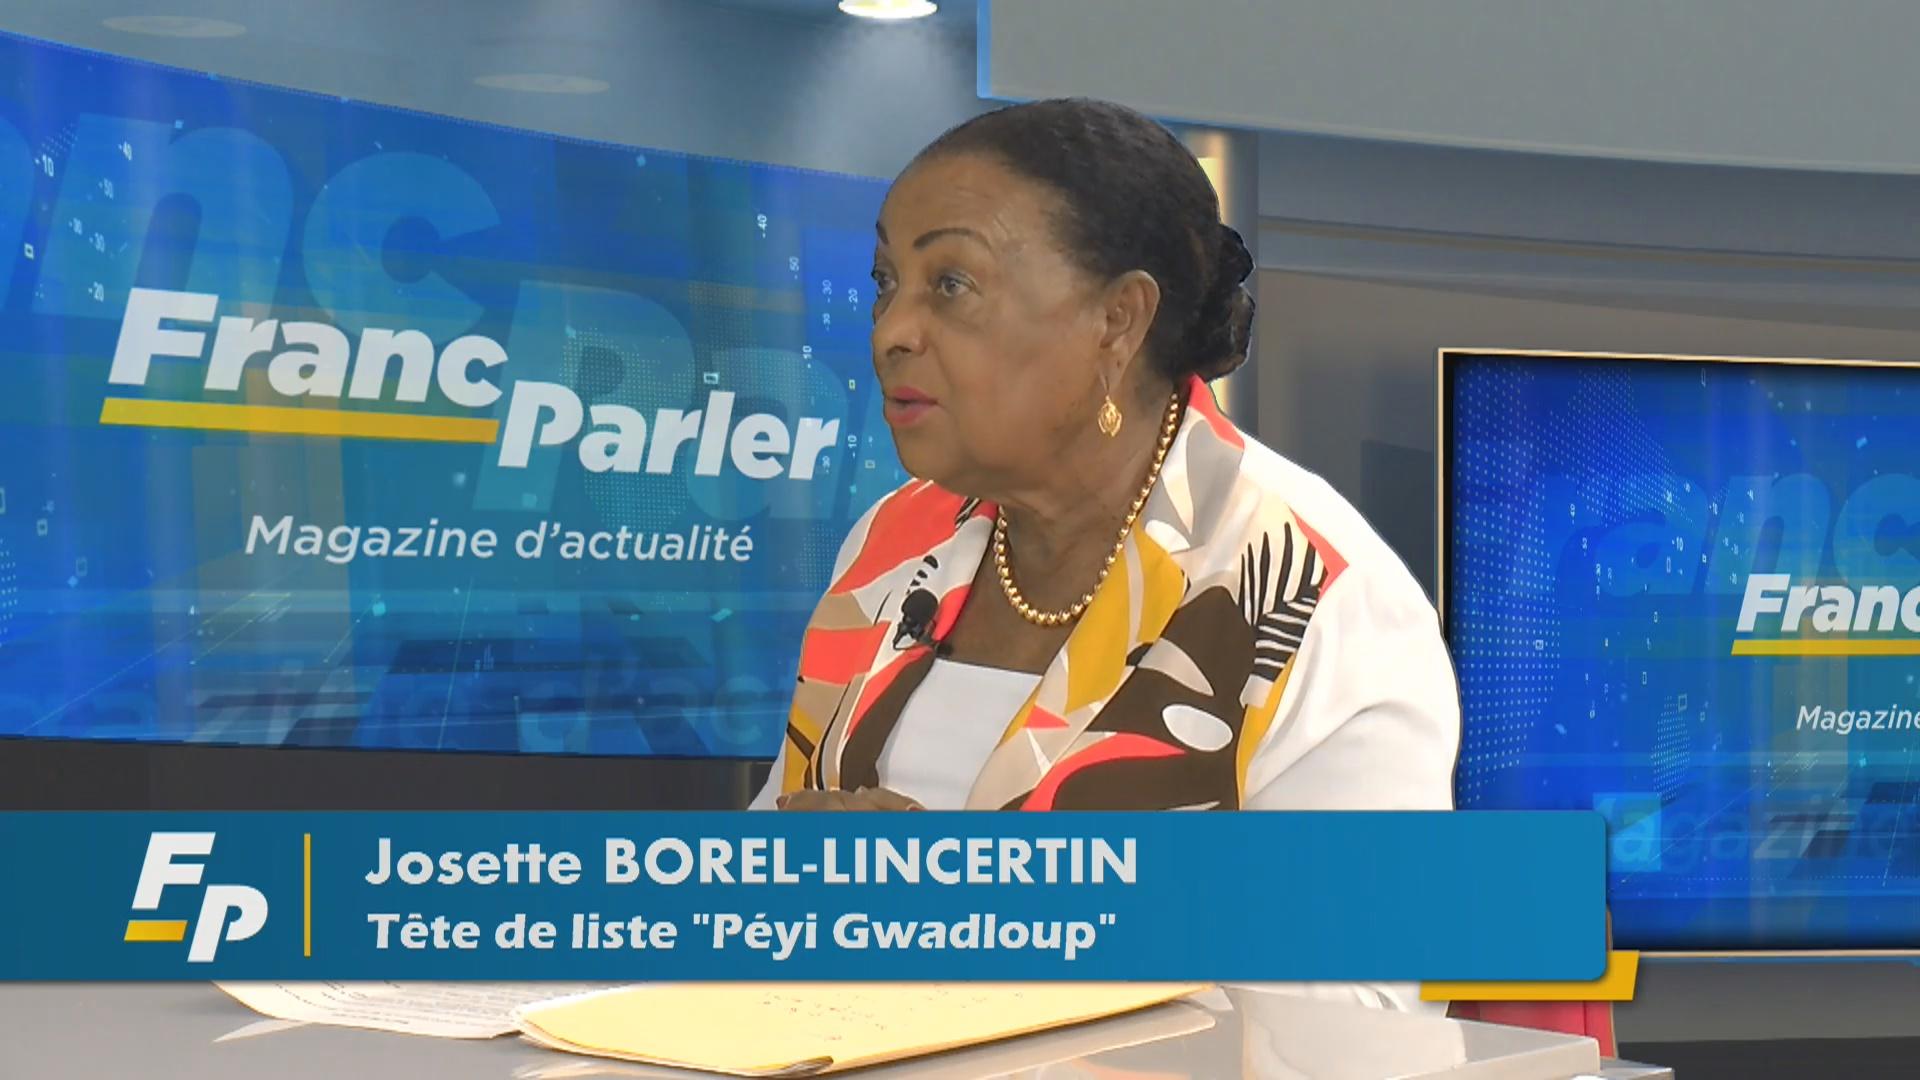 [Vidéo] Onews Guadeloupe. Josette BOREL LINCERTIN candidate aux prochaines élections invitée de Eclair Tv